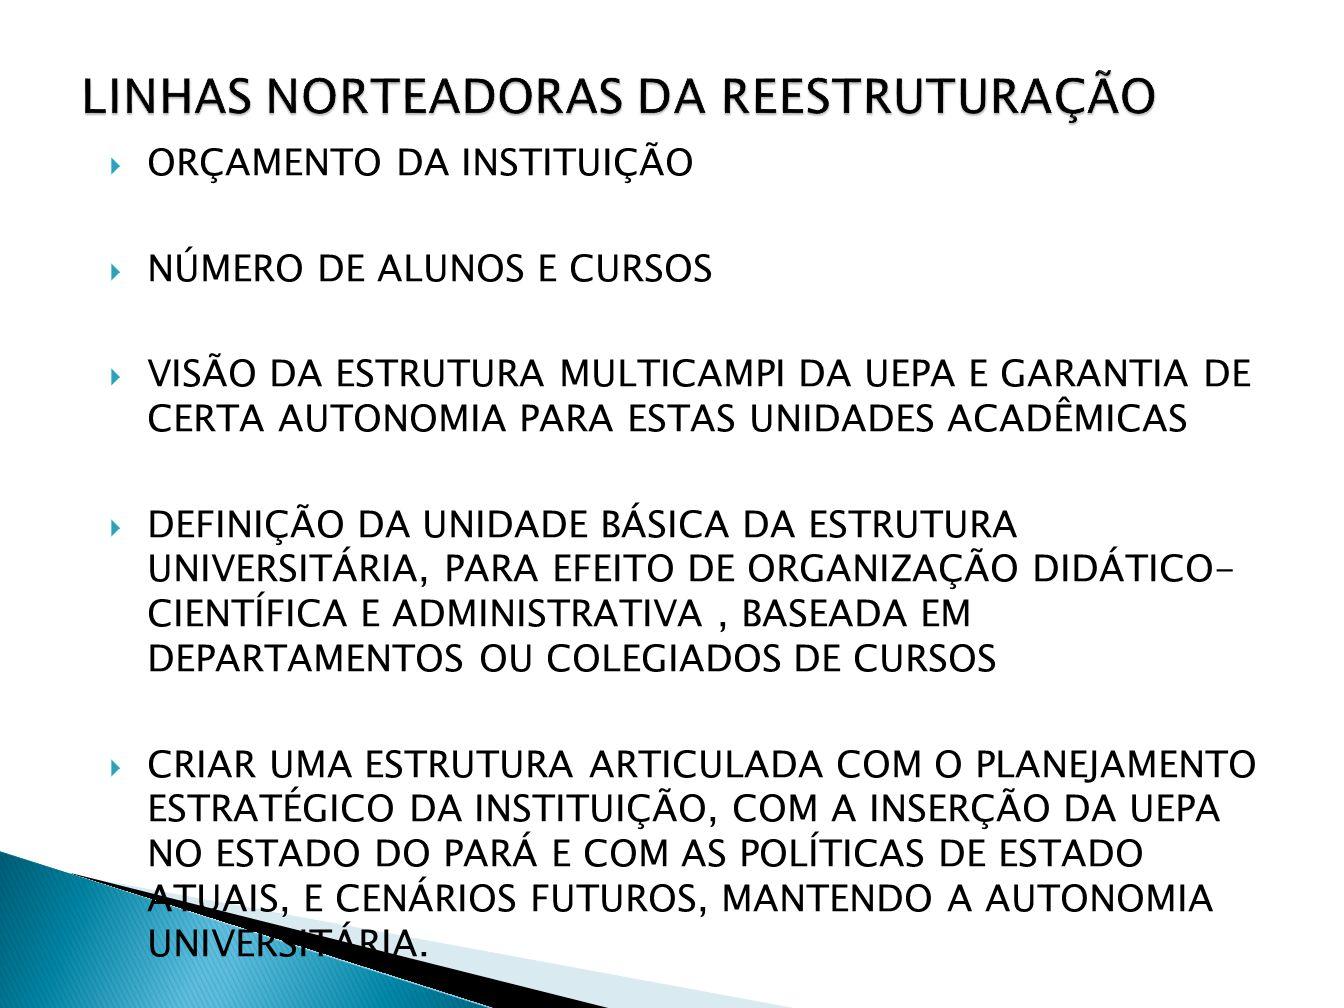 LINHAS NORTEADORAS DA REESTRUTURAÇÃO